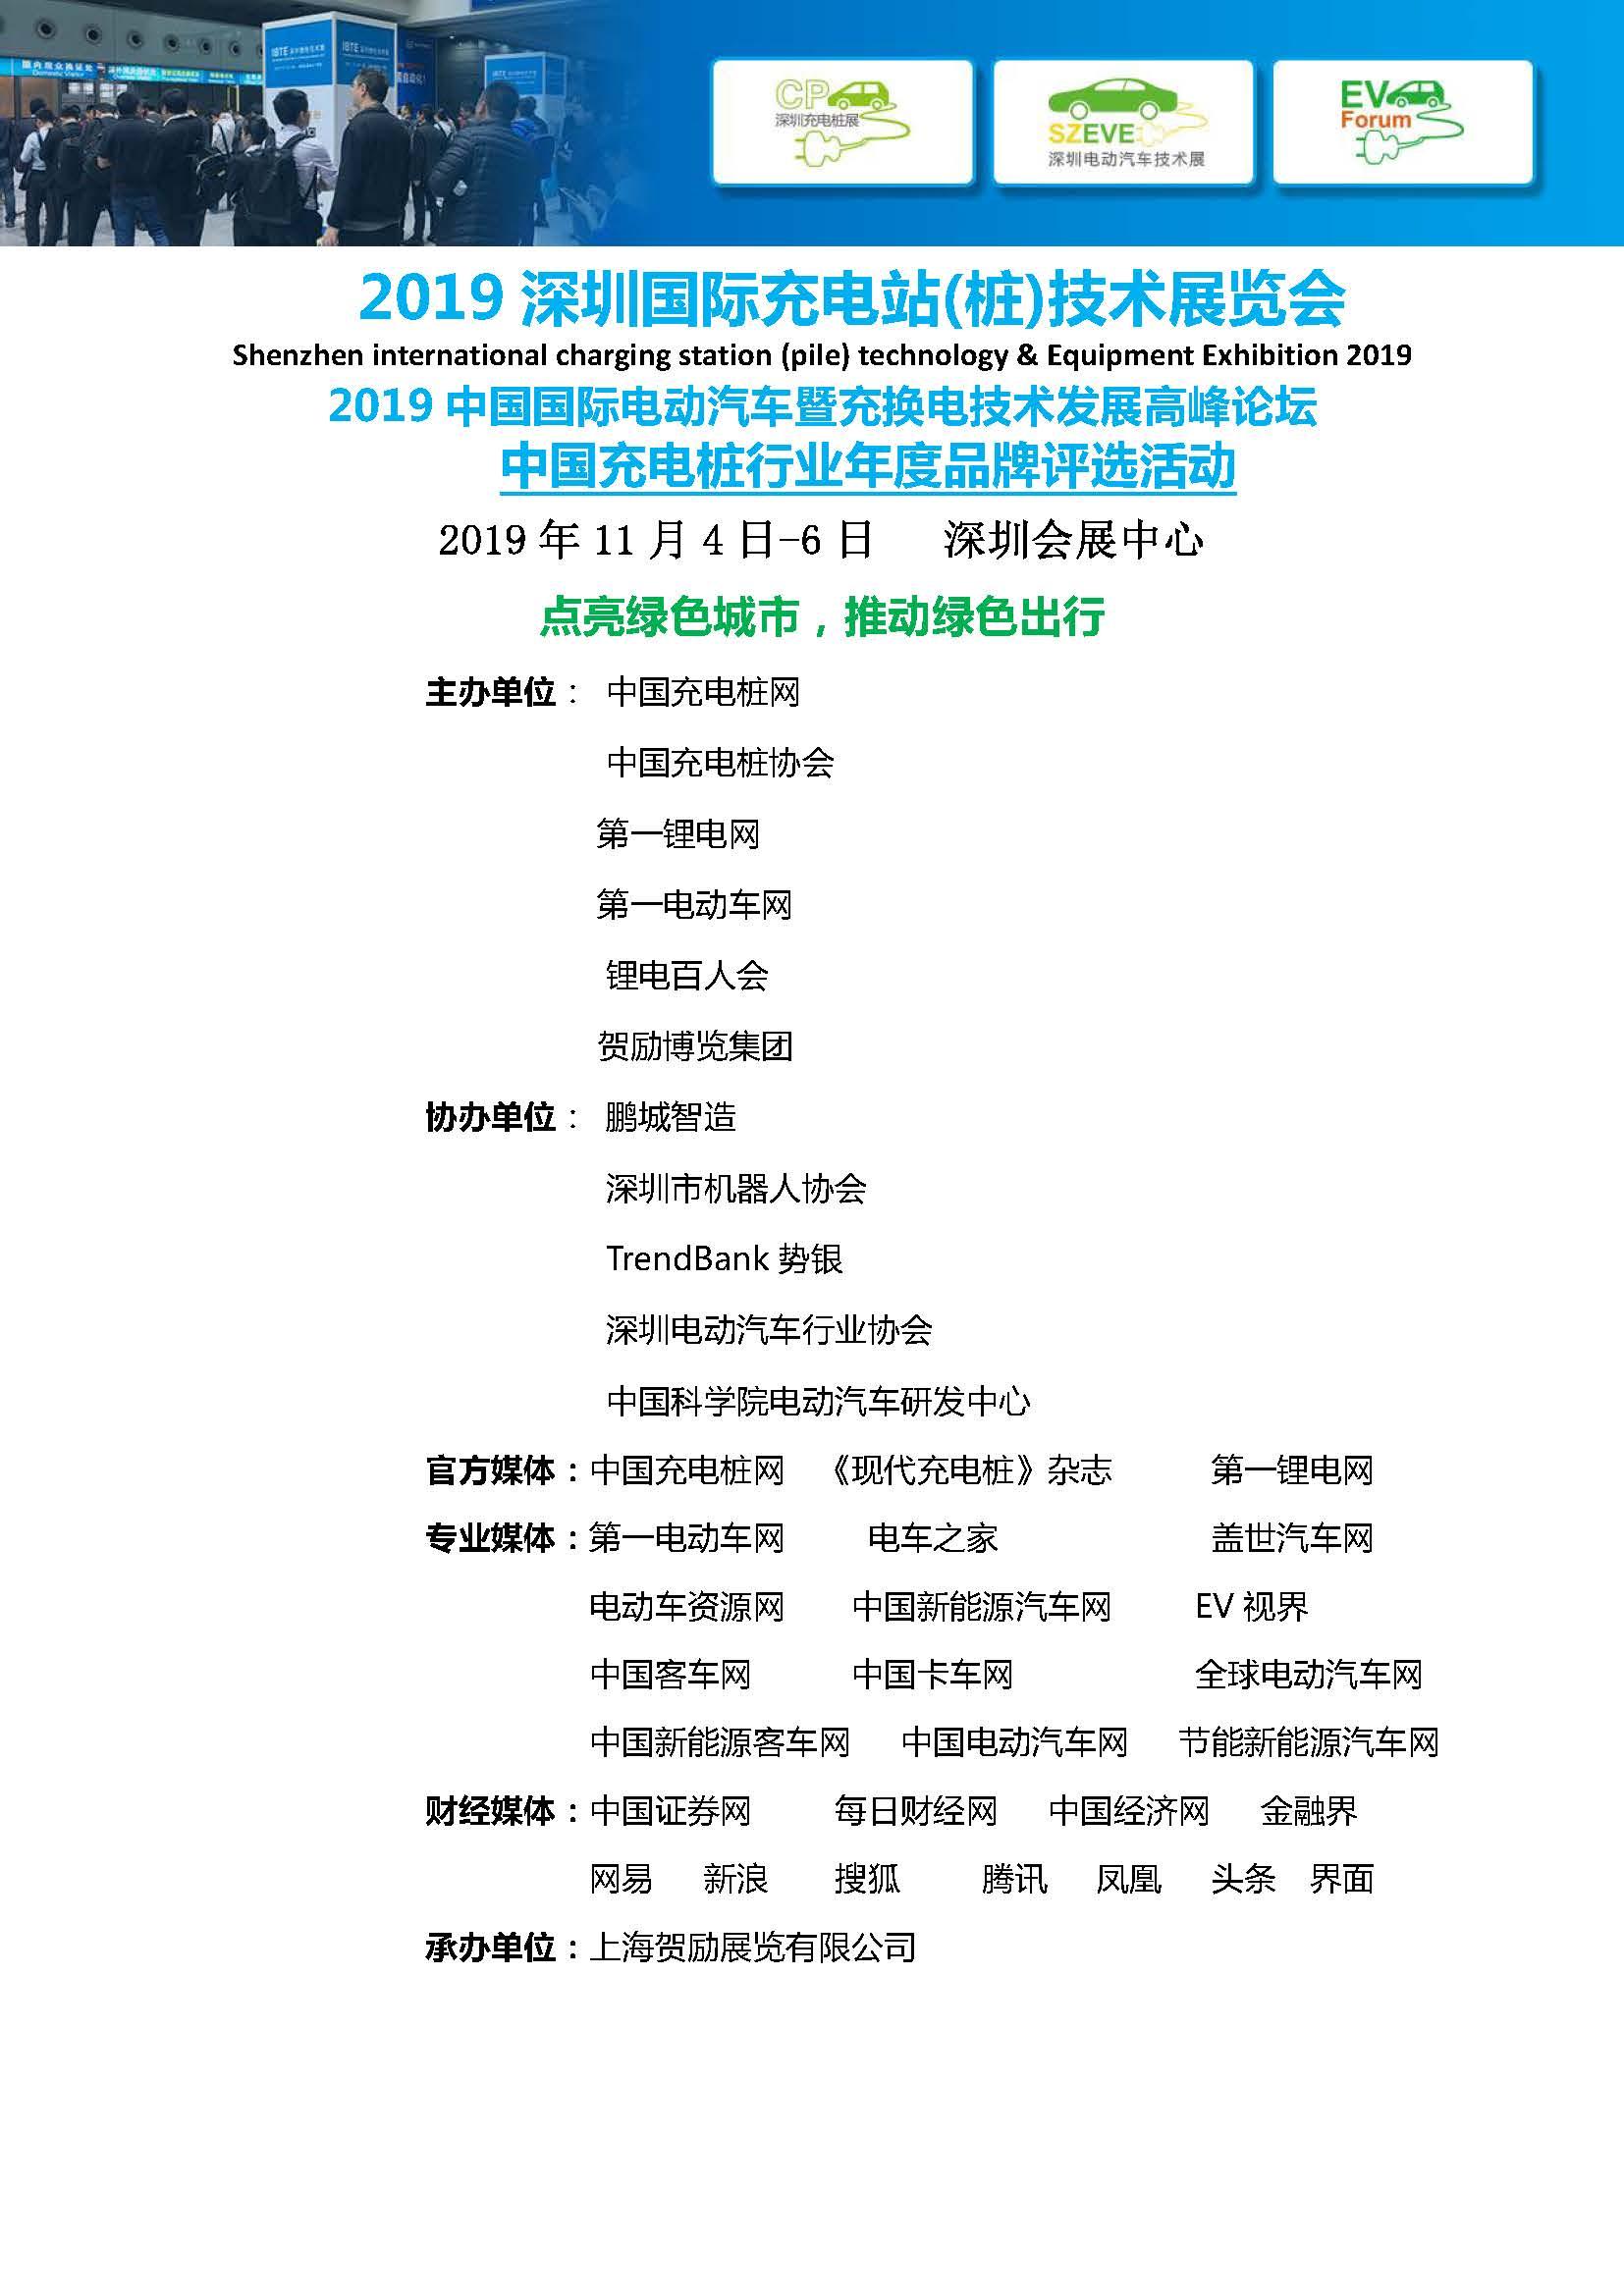 2019深圳国际充电站(桩)技术展览会